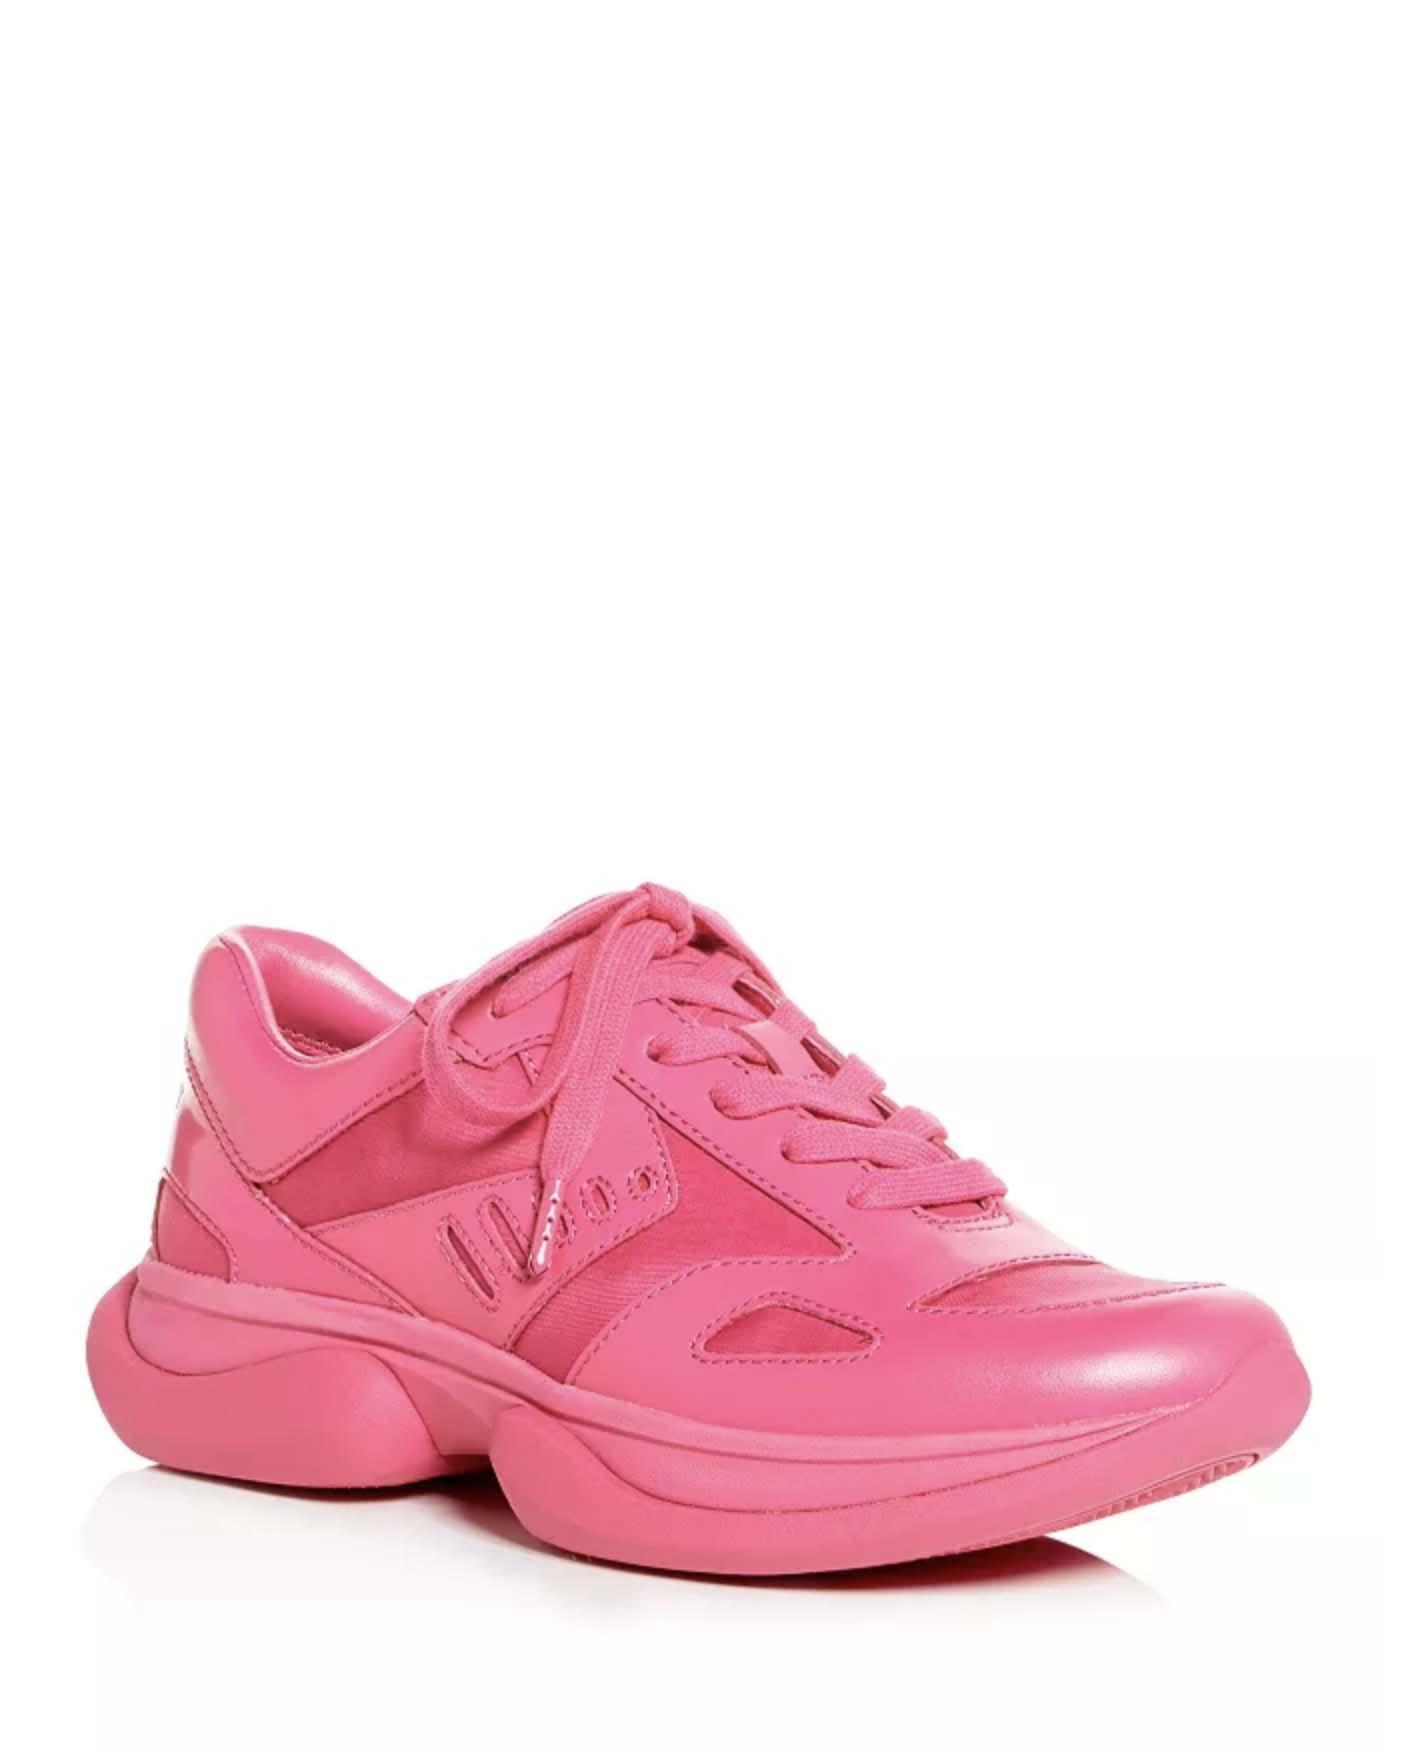 Tory Sport Women's Bubble Low-Top Sneakers